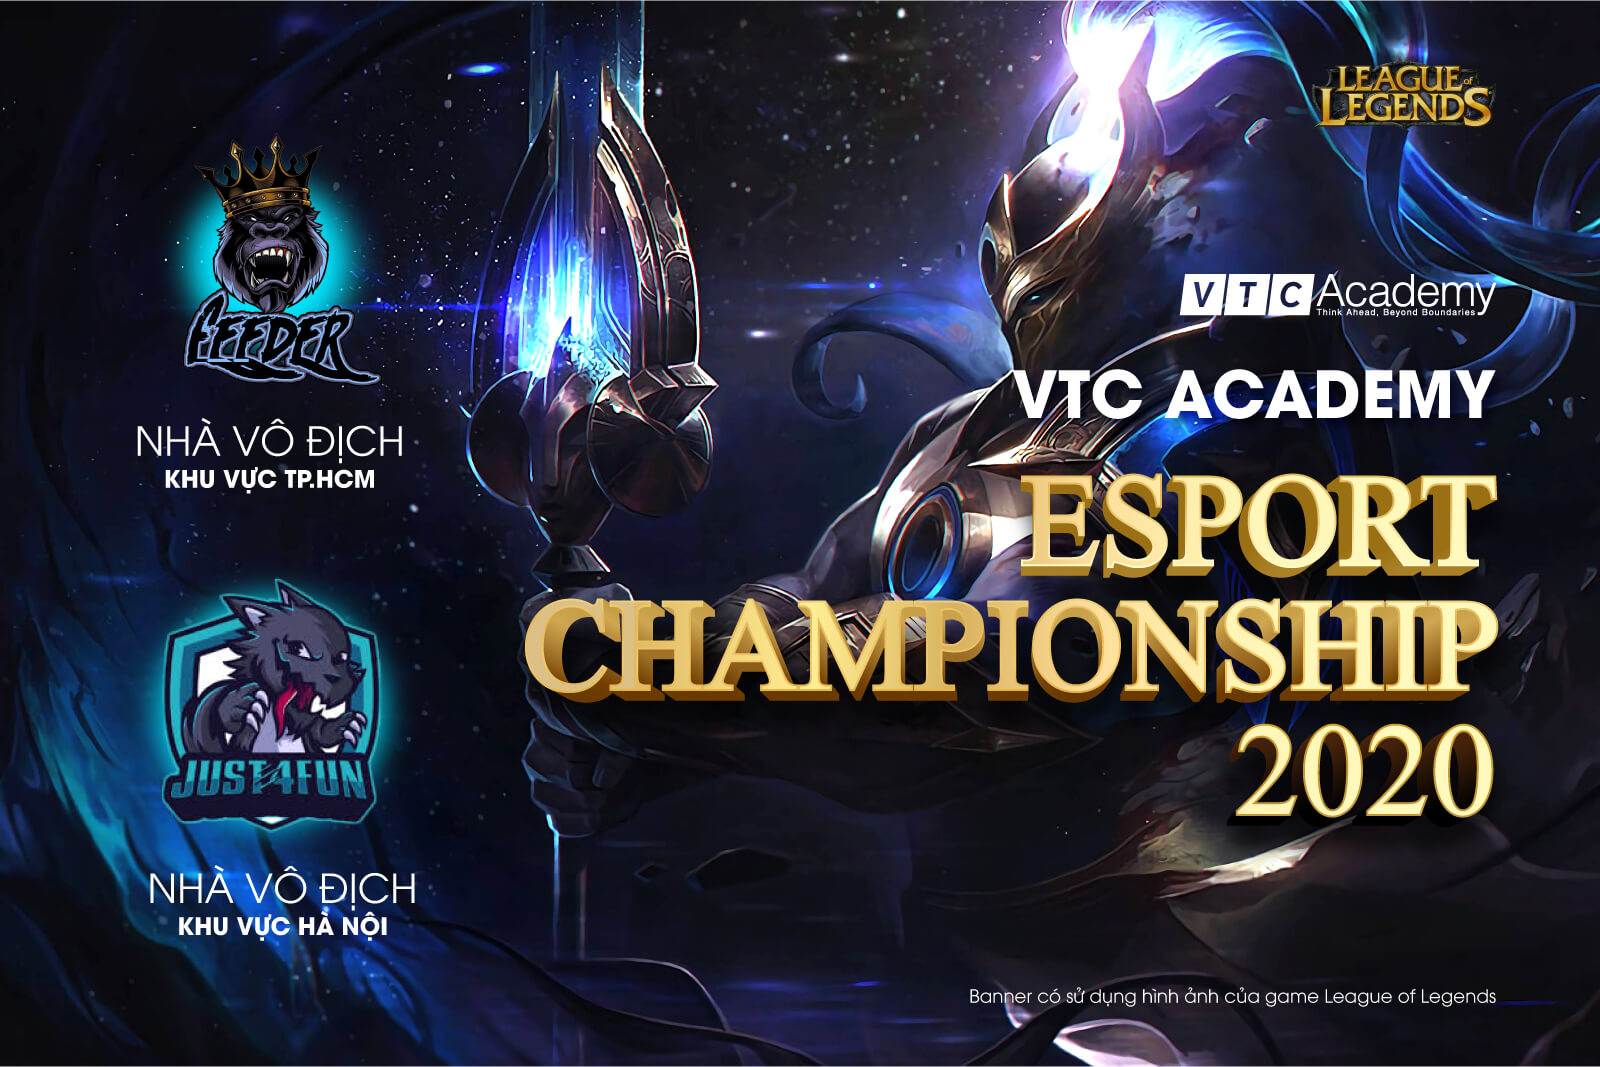 """Vòng chung kết Liên Minh Huyền Thoại """"VTC Academy Esport Championship 2020"""" khu vực Hà Nội và TP.HCM"""